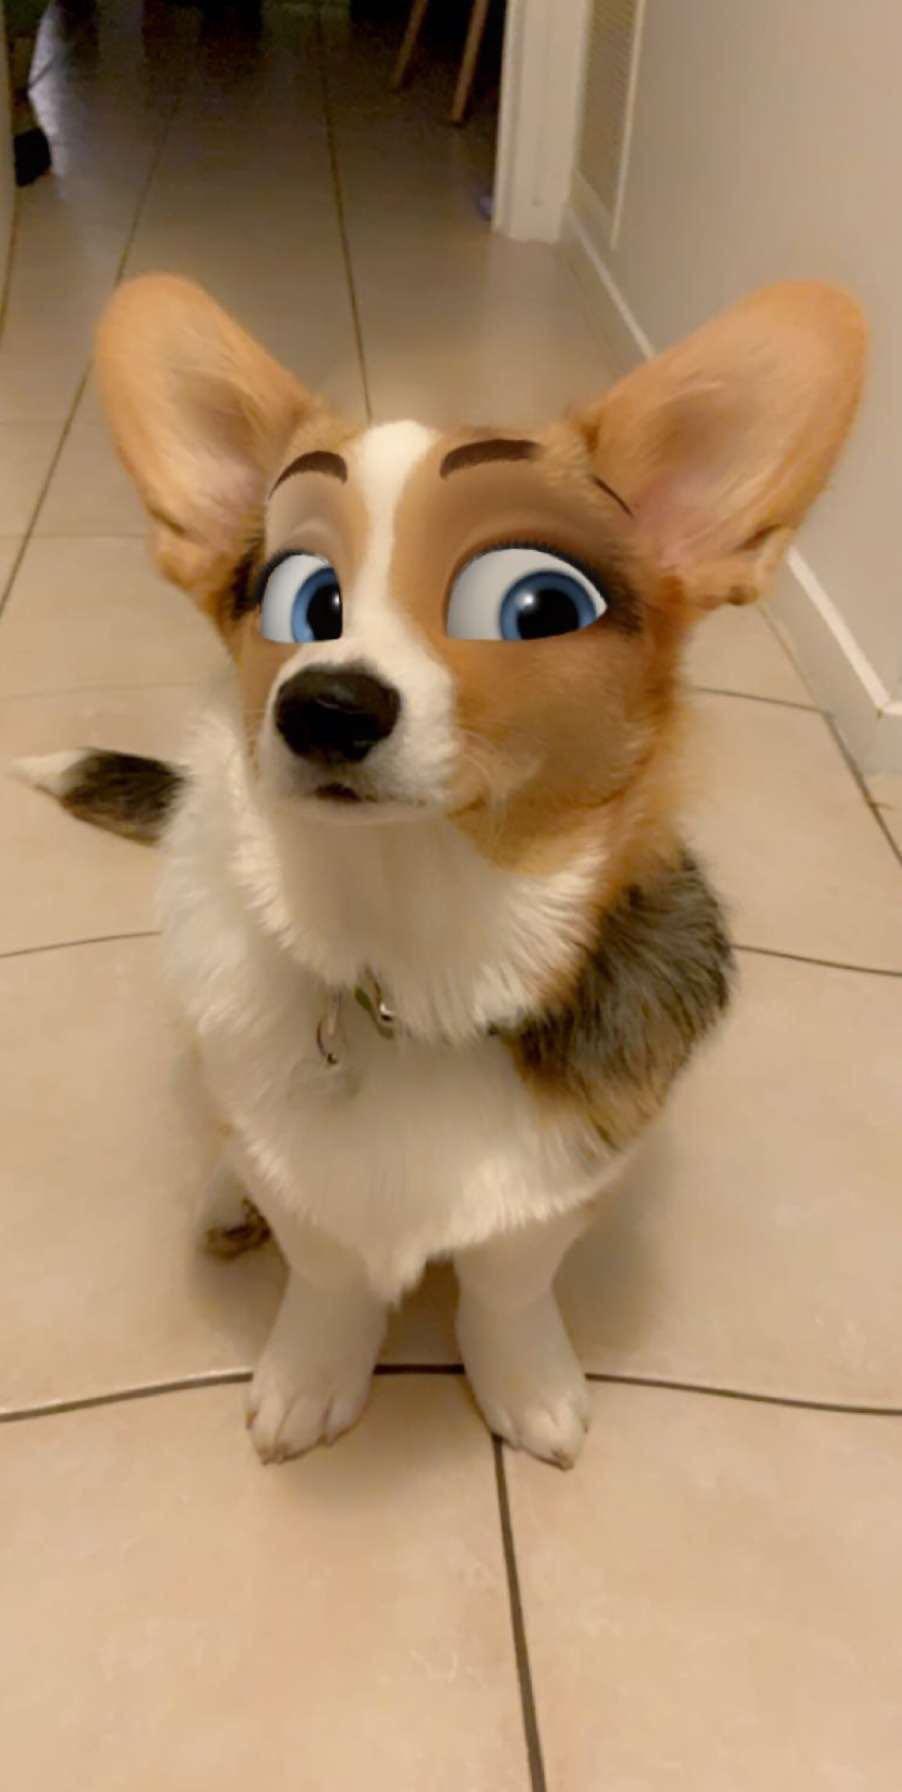 Crean Filtro para Perros que los convierte en personajes de caricatura y se ven adorables